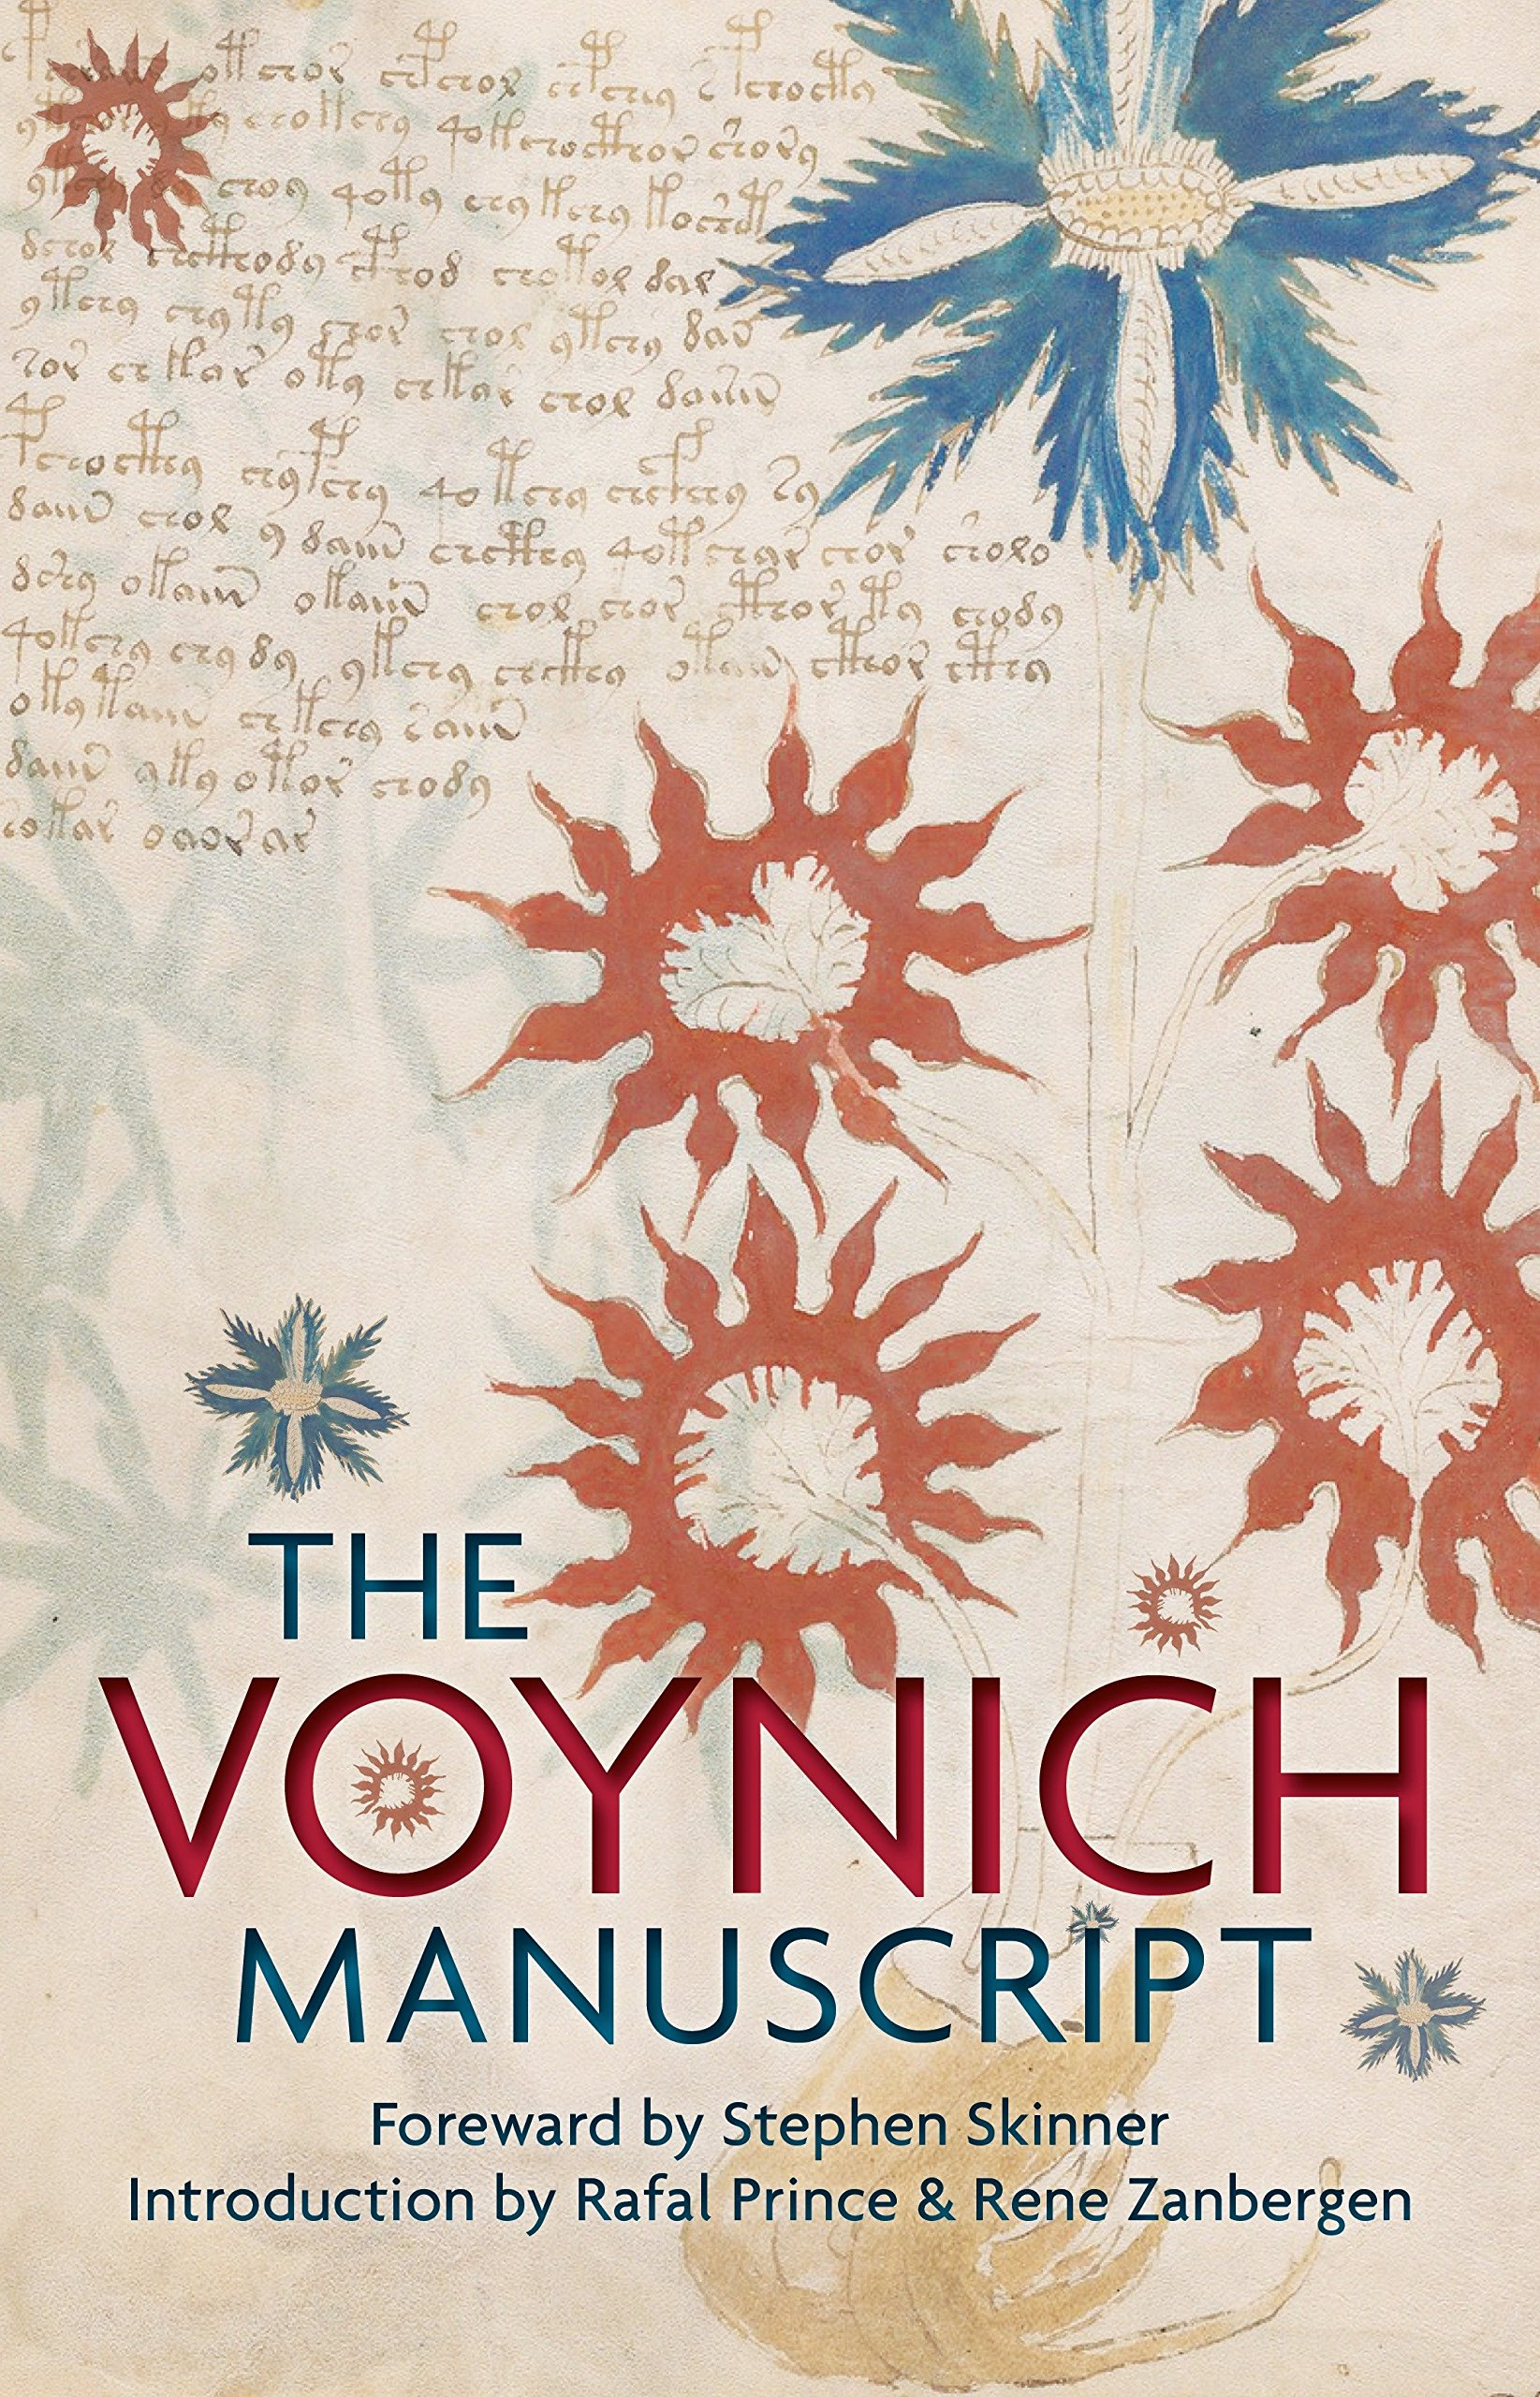 voynich manuscript online